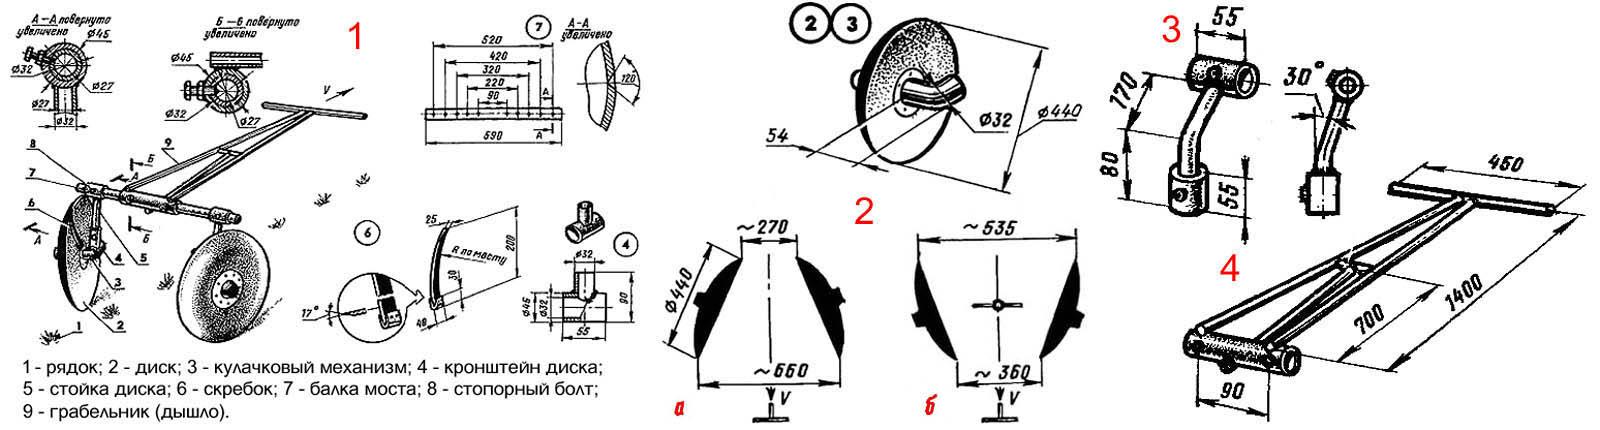 Окучники для мотоблока (28 фото): двухрядный окучиватель для картофеля. как настроить роторный активный окучиватель для мотоблока «салют 100» и дизельной модели kipor kdt 610?